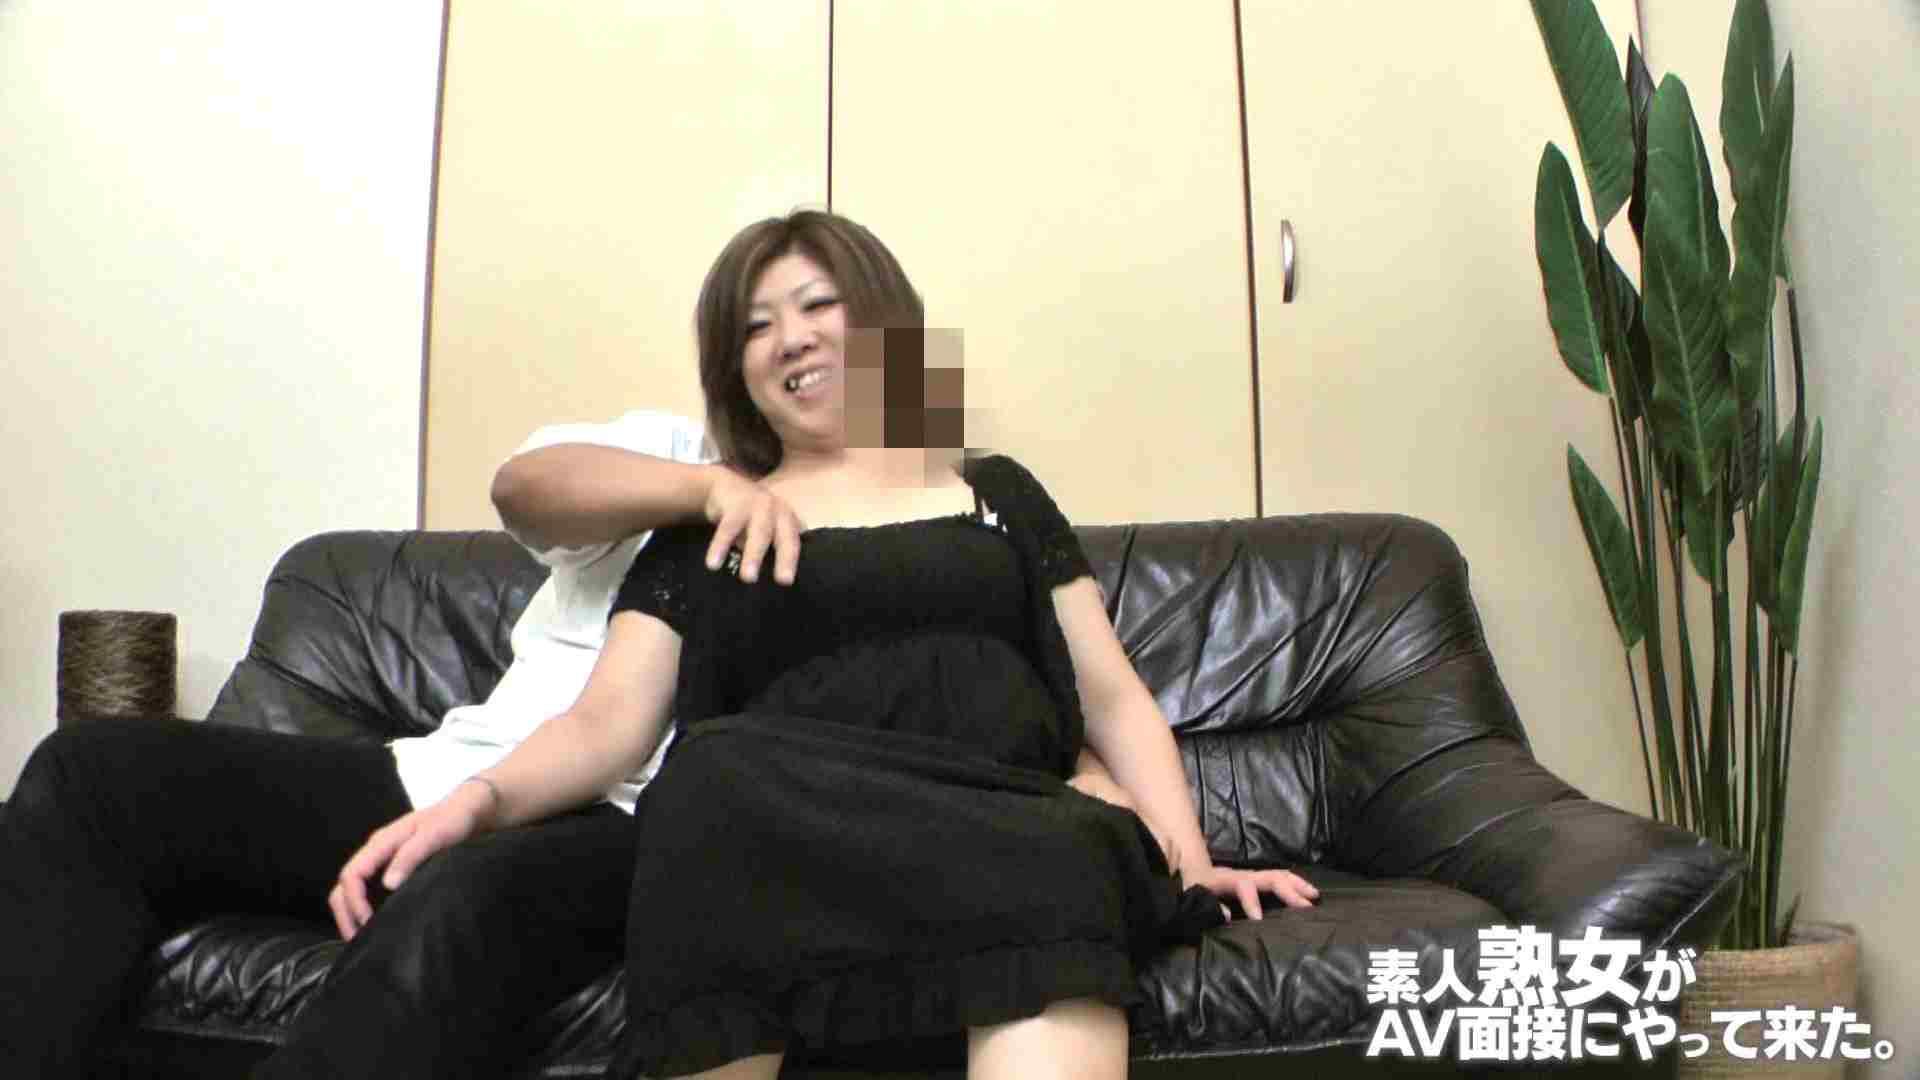 素人熟女がAV面接にやってきた (仮名)ゆかさんVOL.03 セックス映像 性交動画流出 59pic 19